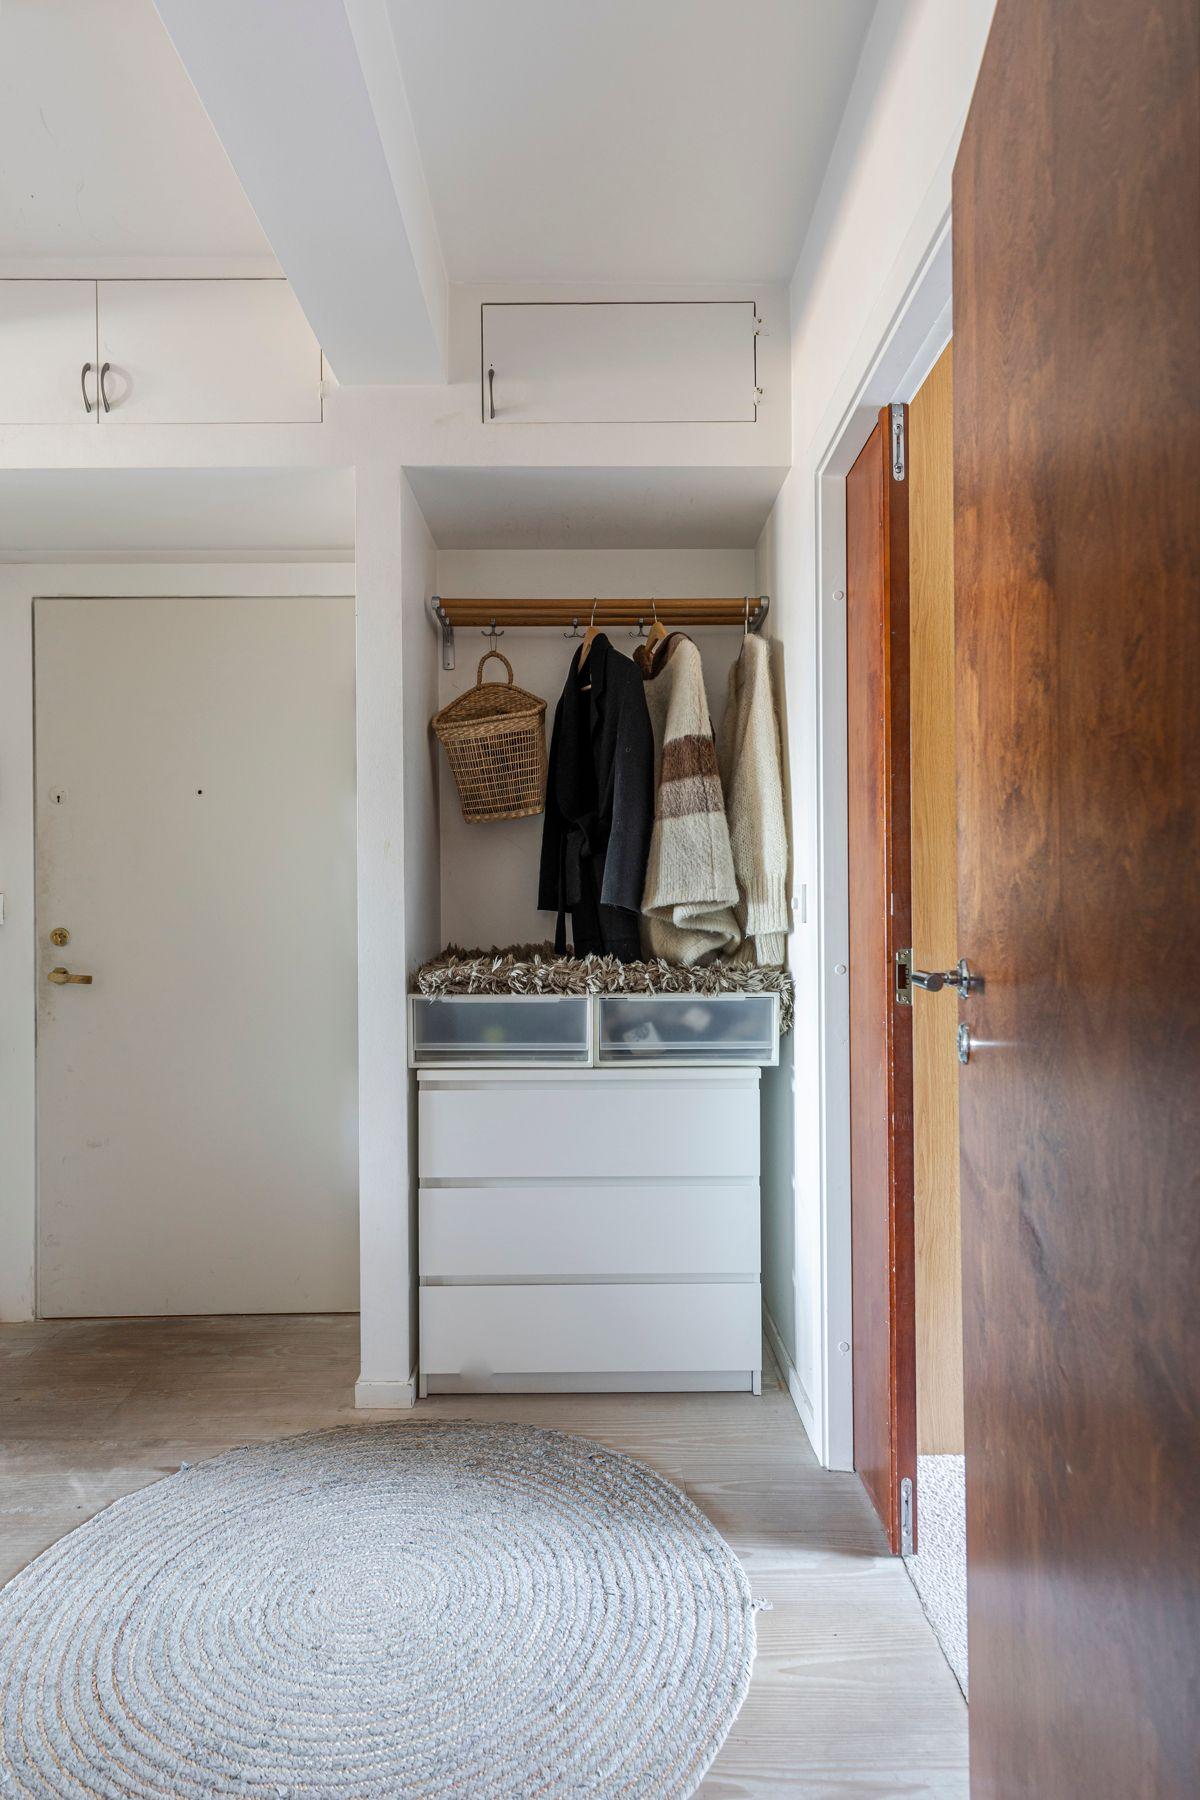 Brinken 16D Innbydende entré med plass til oppbevaring av yttertøy og sko i åpen nisje med kleshengerstativ og plassbygde skap over, samt plassbygget skap i gang.